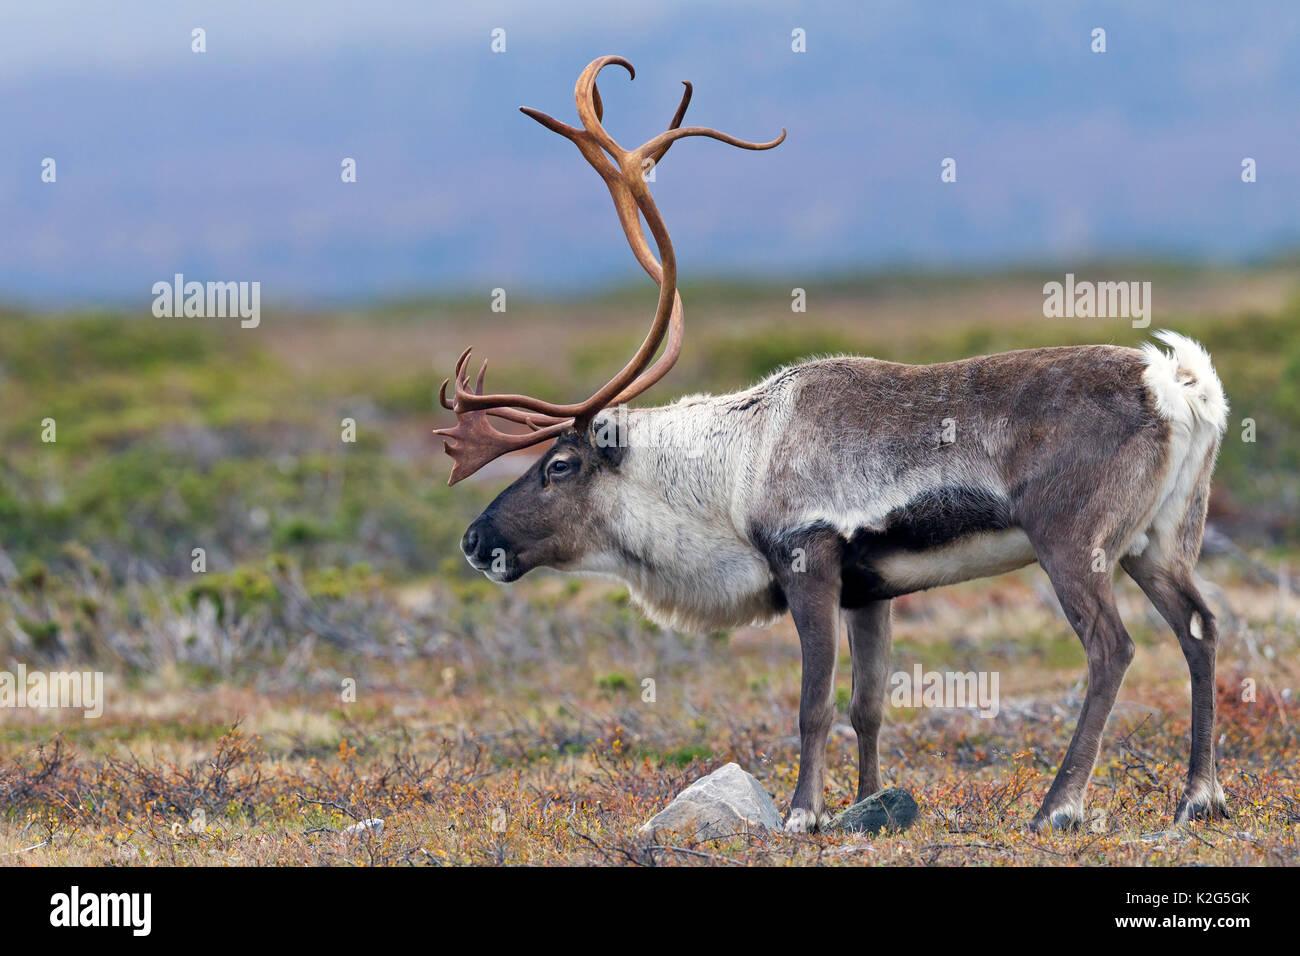 Los renos (Rangifer tarandus), macho en la tundra,las rodillas producen un sonido de clic cuando caminan Imagen De Stock